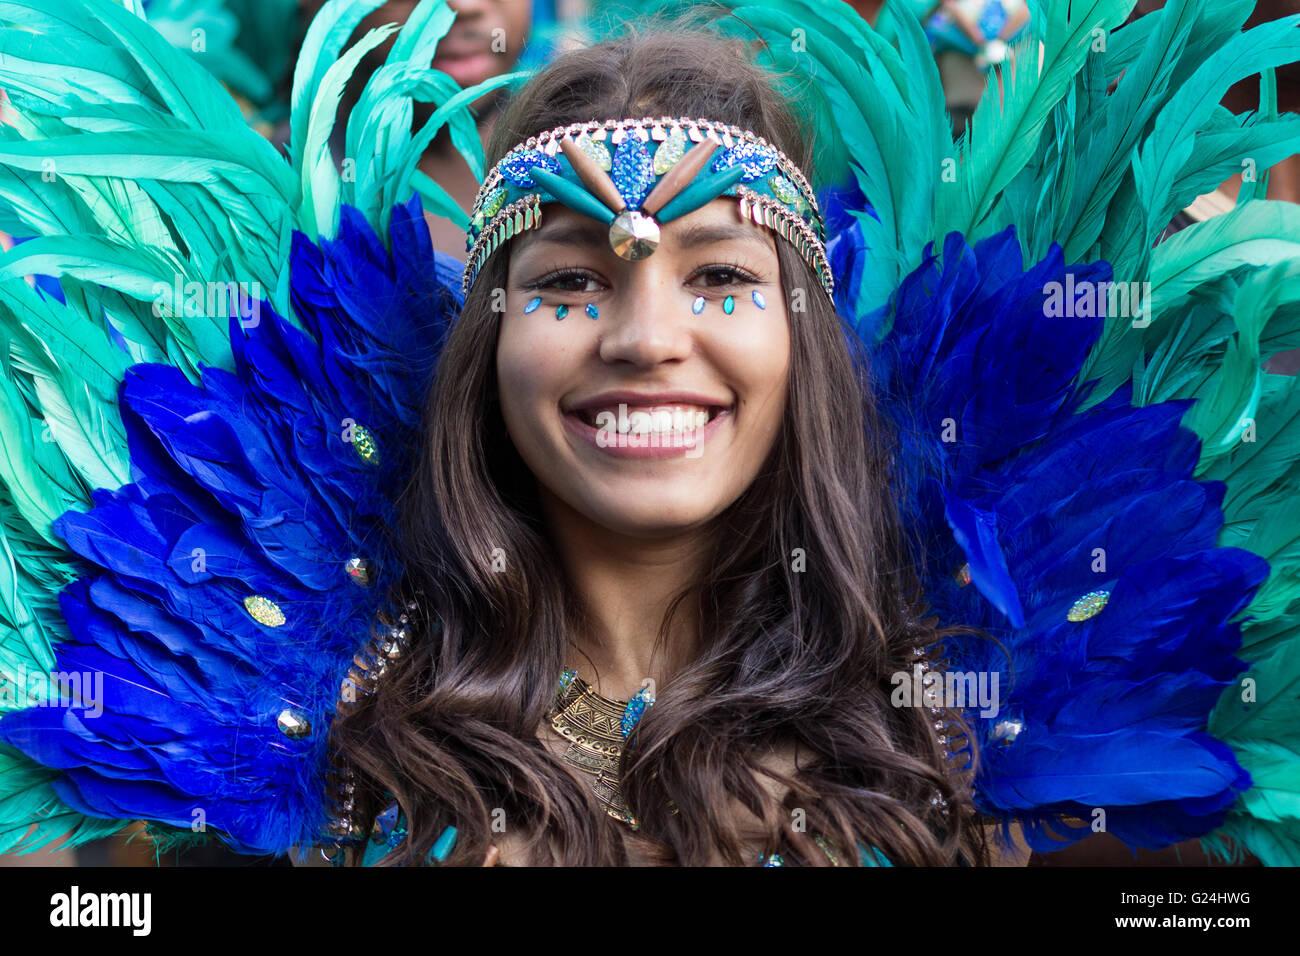 Berlin, Deutschland, 15. Mai 2016: schönes Mädchen in Kostüm lächelnd auf Karneval der Kulturen Stockbild